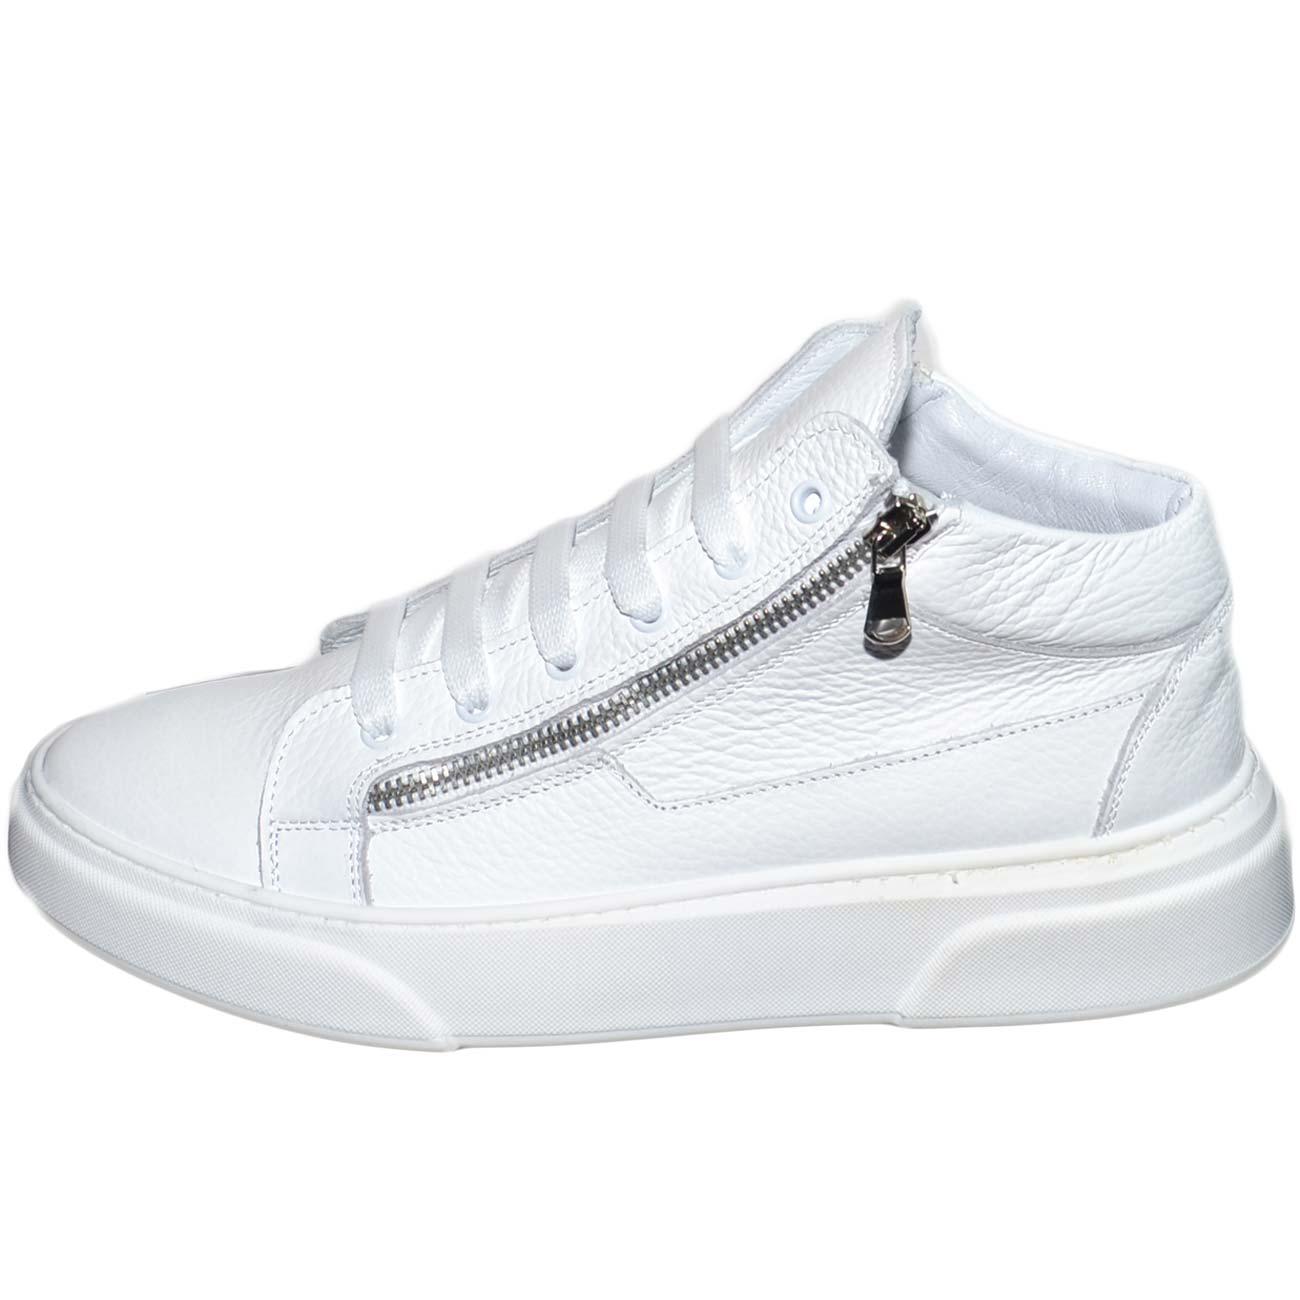 Sneakers bassa uomo in vera pelle bortolato bianco con doppia zip argento lacci fondo fur bianco modello za022 moda uomo uomo sneakers bassa made in